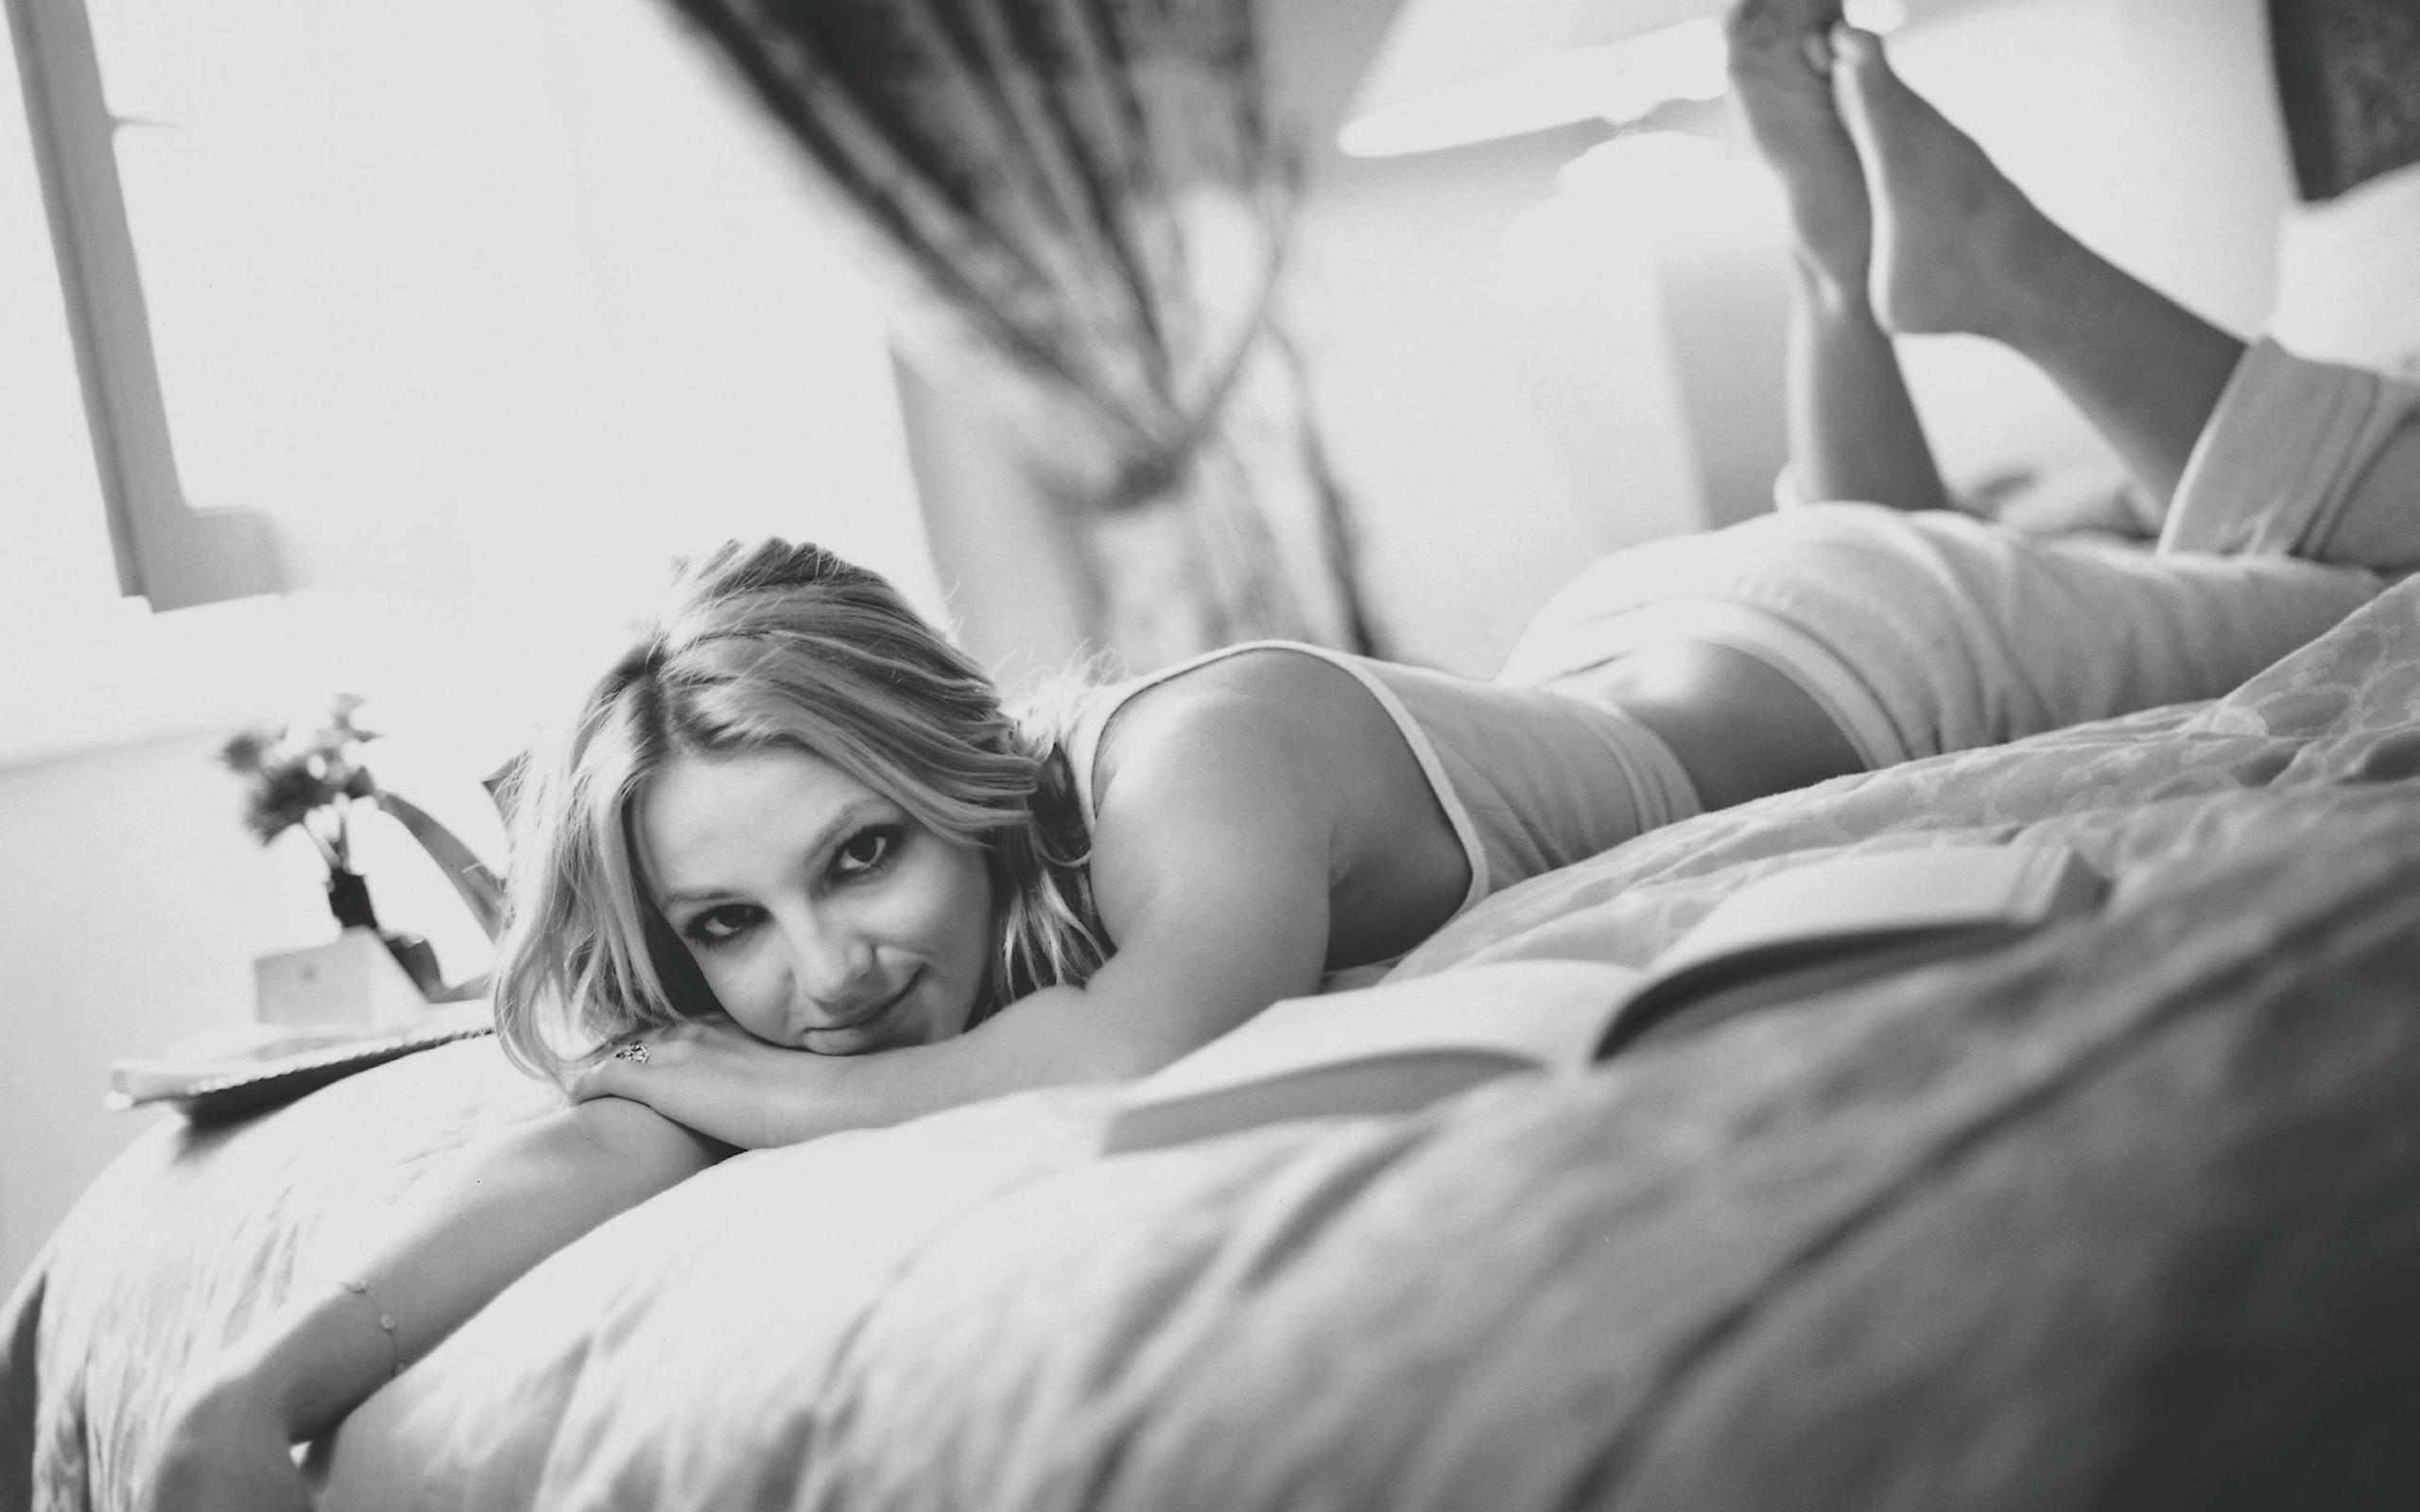 Секс у молоденькой с черным, Молоденькие порно, юные порно, секс 16 фотография